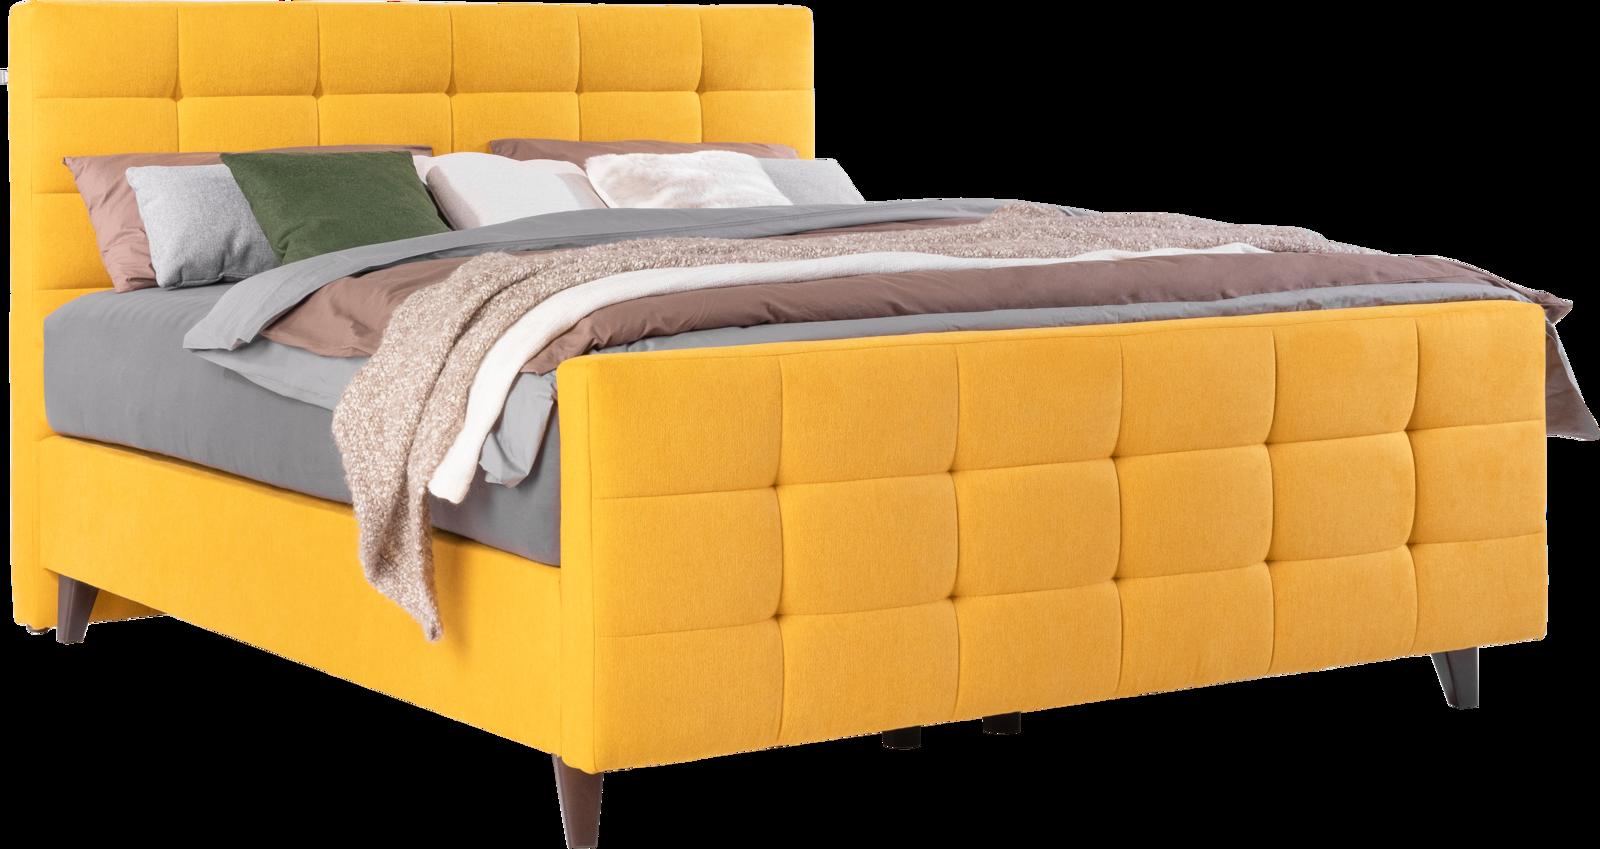 Bett in gelben Stoff, schwarzen Holzfüßen und mit Quadratheftung in Kopf- und Fußhaupt